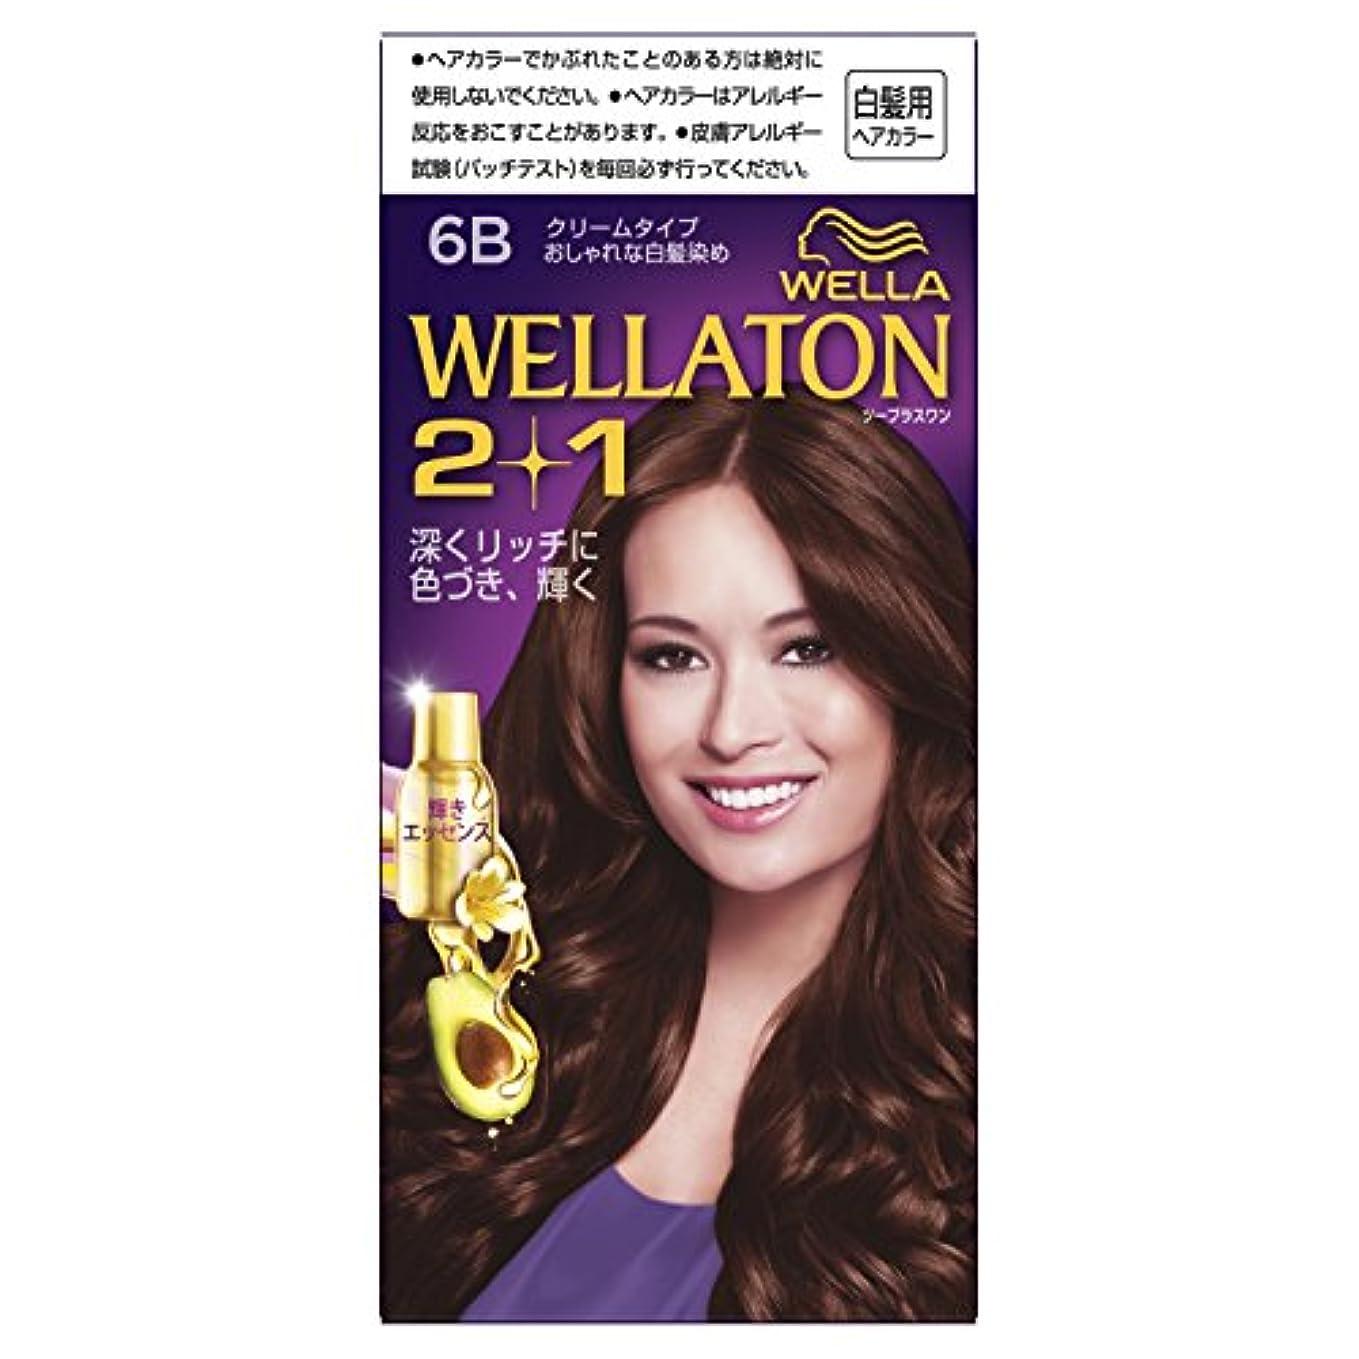 プレビスサイト傘短命ウエラトーン2+1 クリームタイプ 6B [医薬部外品](おしゃれな白髪染め)